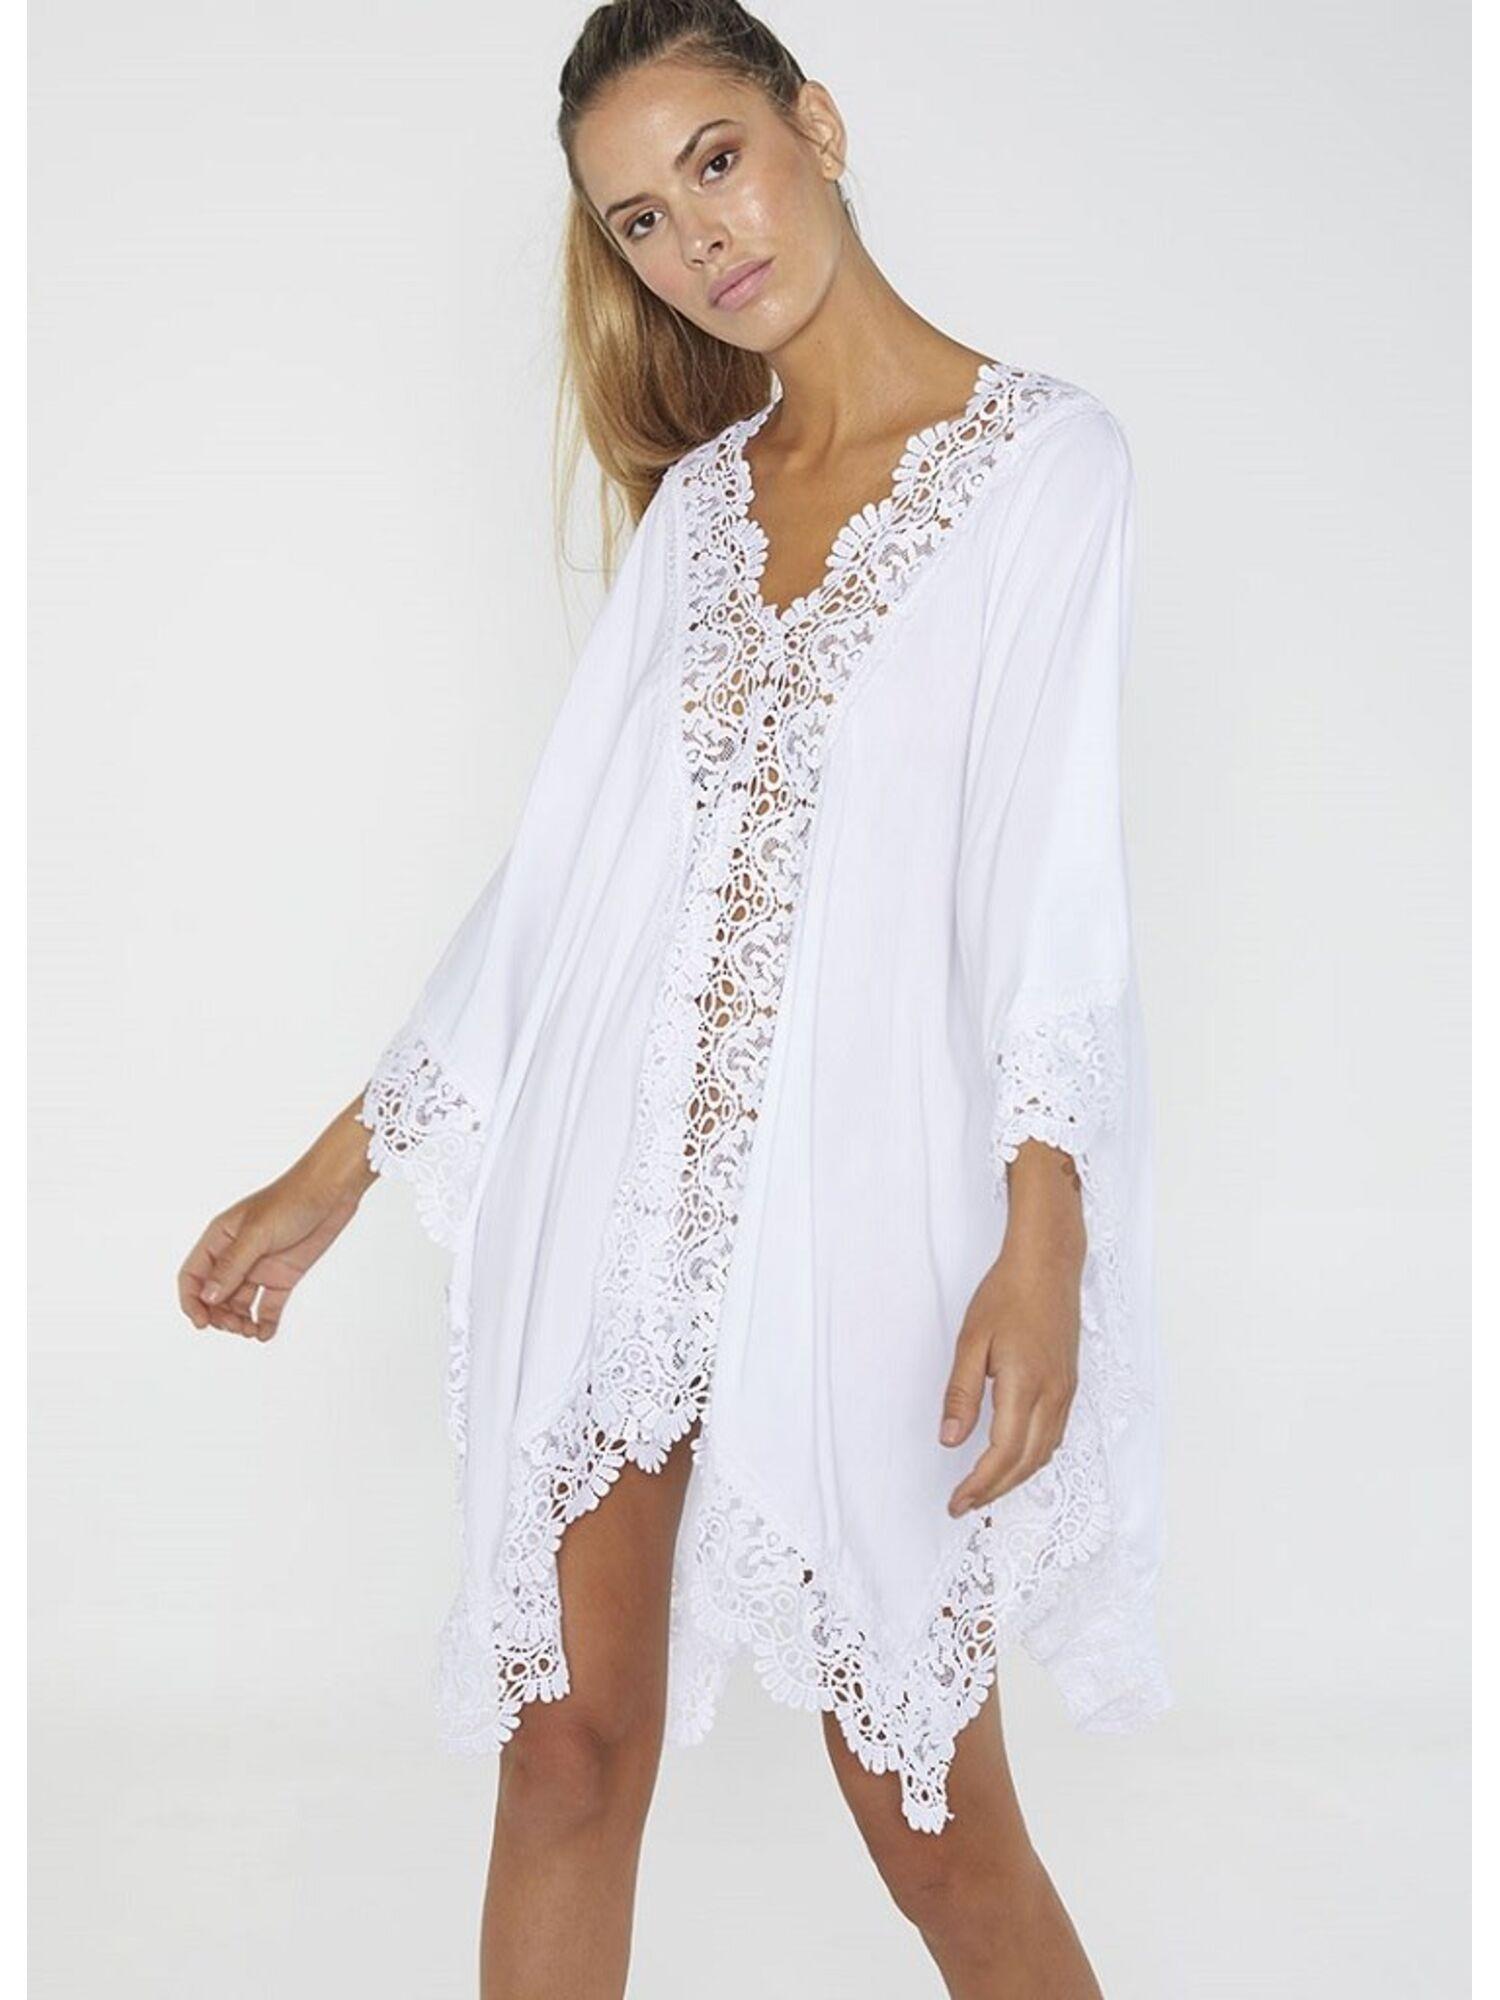 Женское платье-парео пляжное из вискозы 85691 белый, Ysabel Mora (Испания)